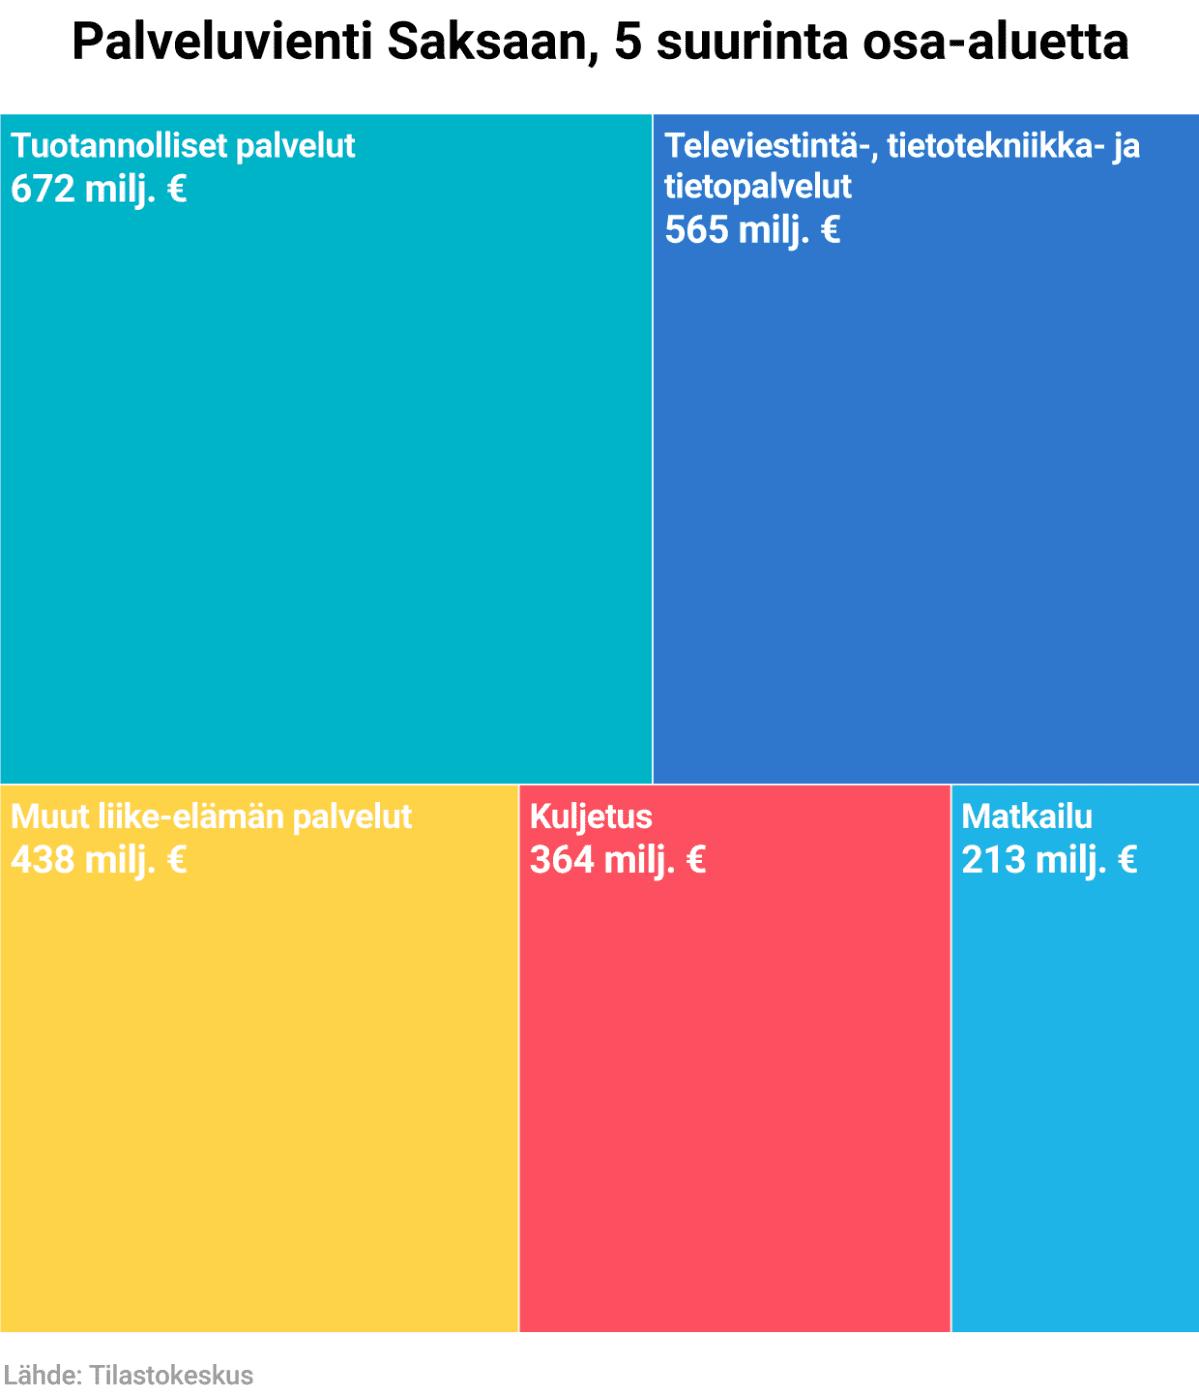 Palveluvienti Saksaan, 5 suurinta osa-aluetta